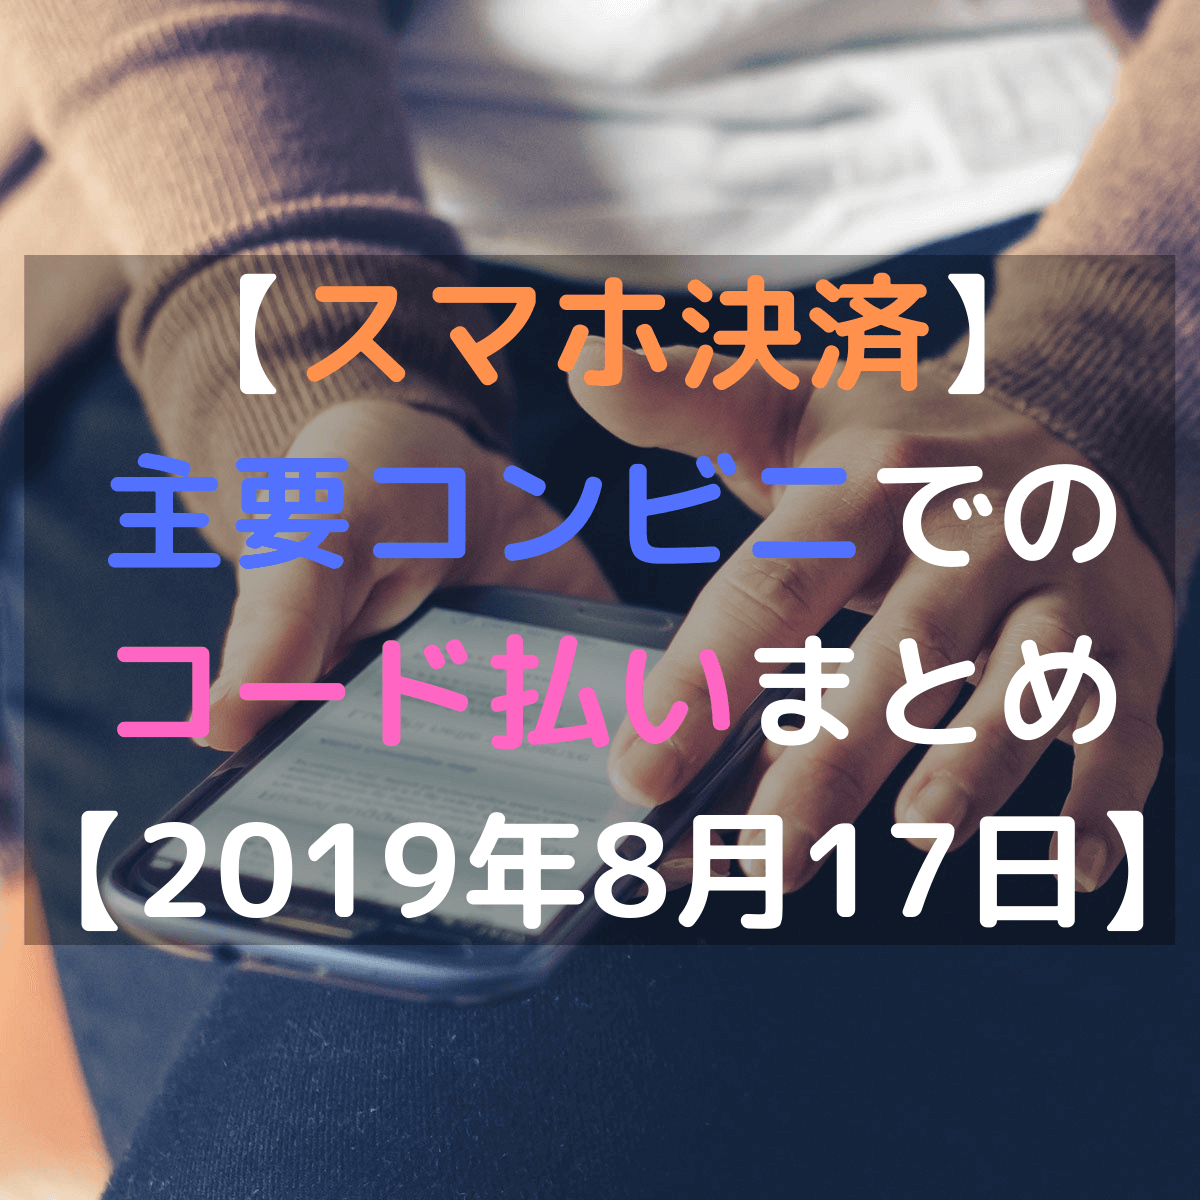 f:id:tosakax:20190817153109p:plain